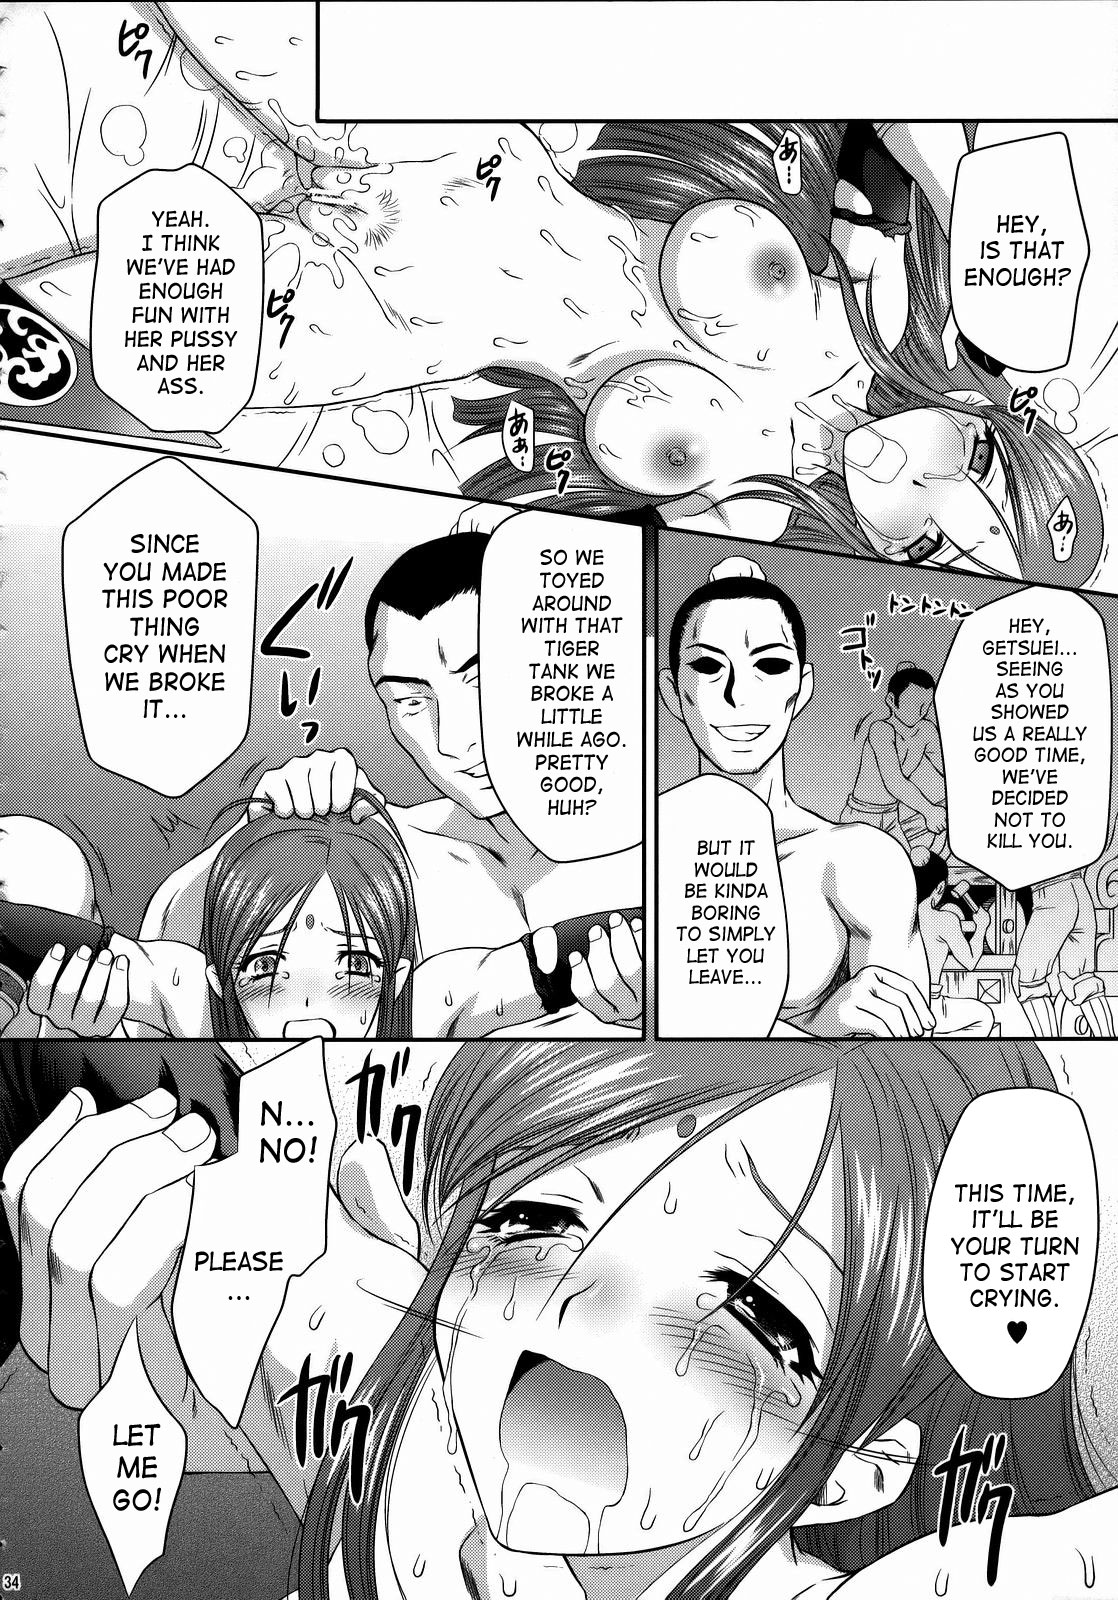 DoujinReader.com [SaHa] Getsuei Tragedy 33